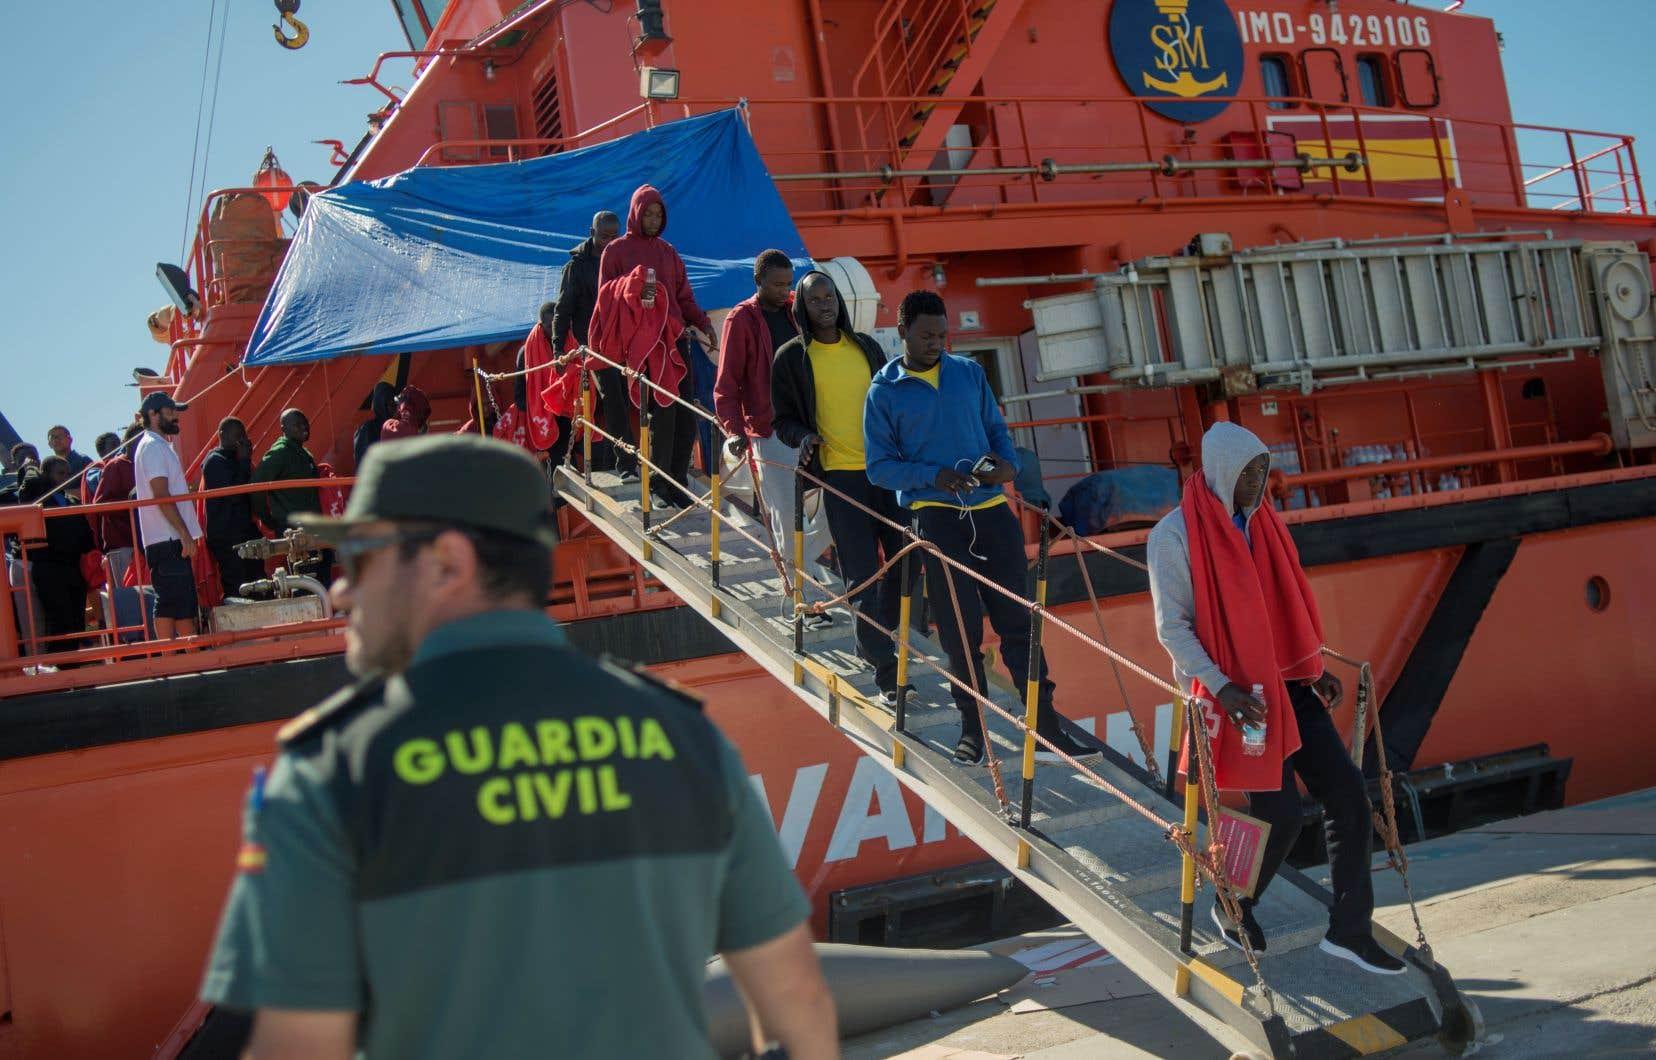 Les migrants secourus en mer débarquent d'un bateau en attendant d'être transférés au port d'Algésiras le 30 juillet 2018.